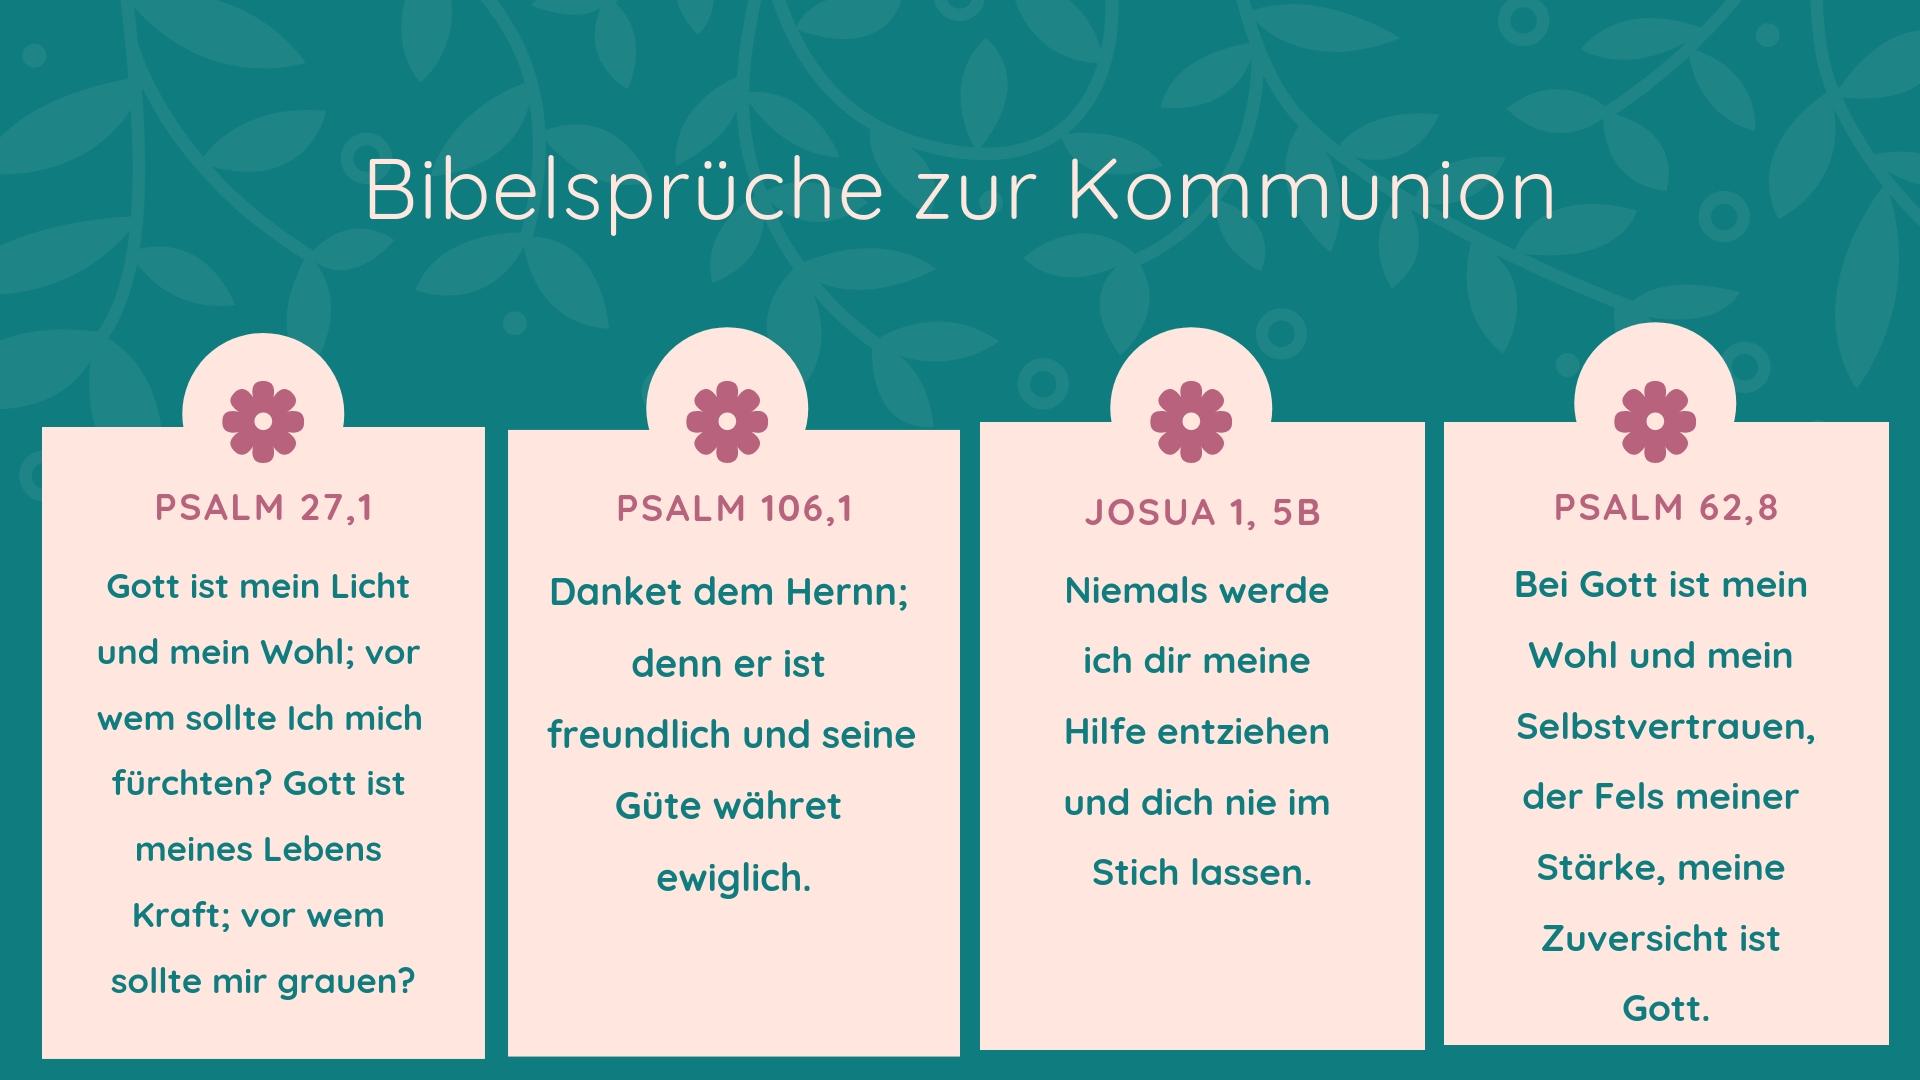 Spruche Kurz Kommunion Danksagung Kommunion Spruch Best Hochzeit